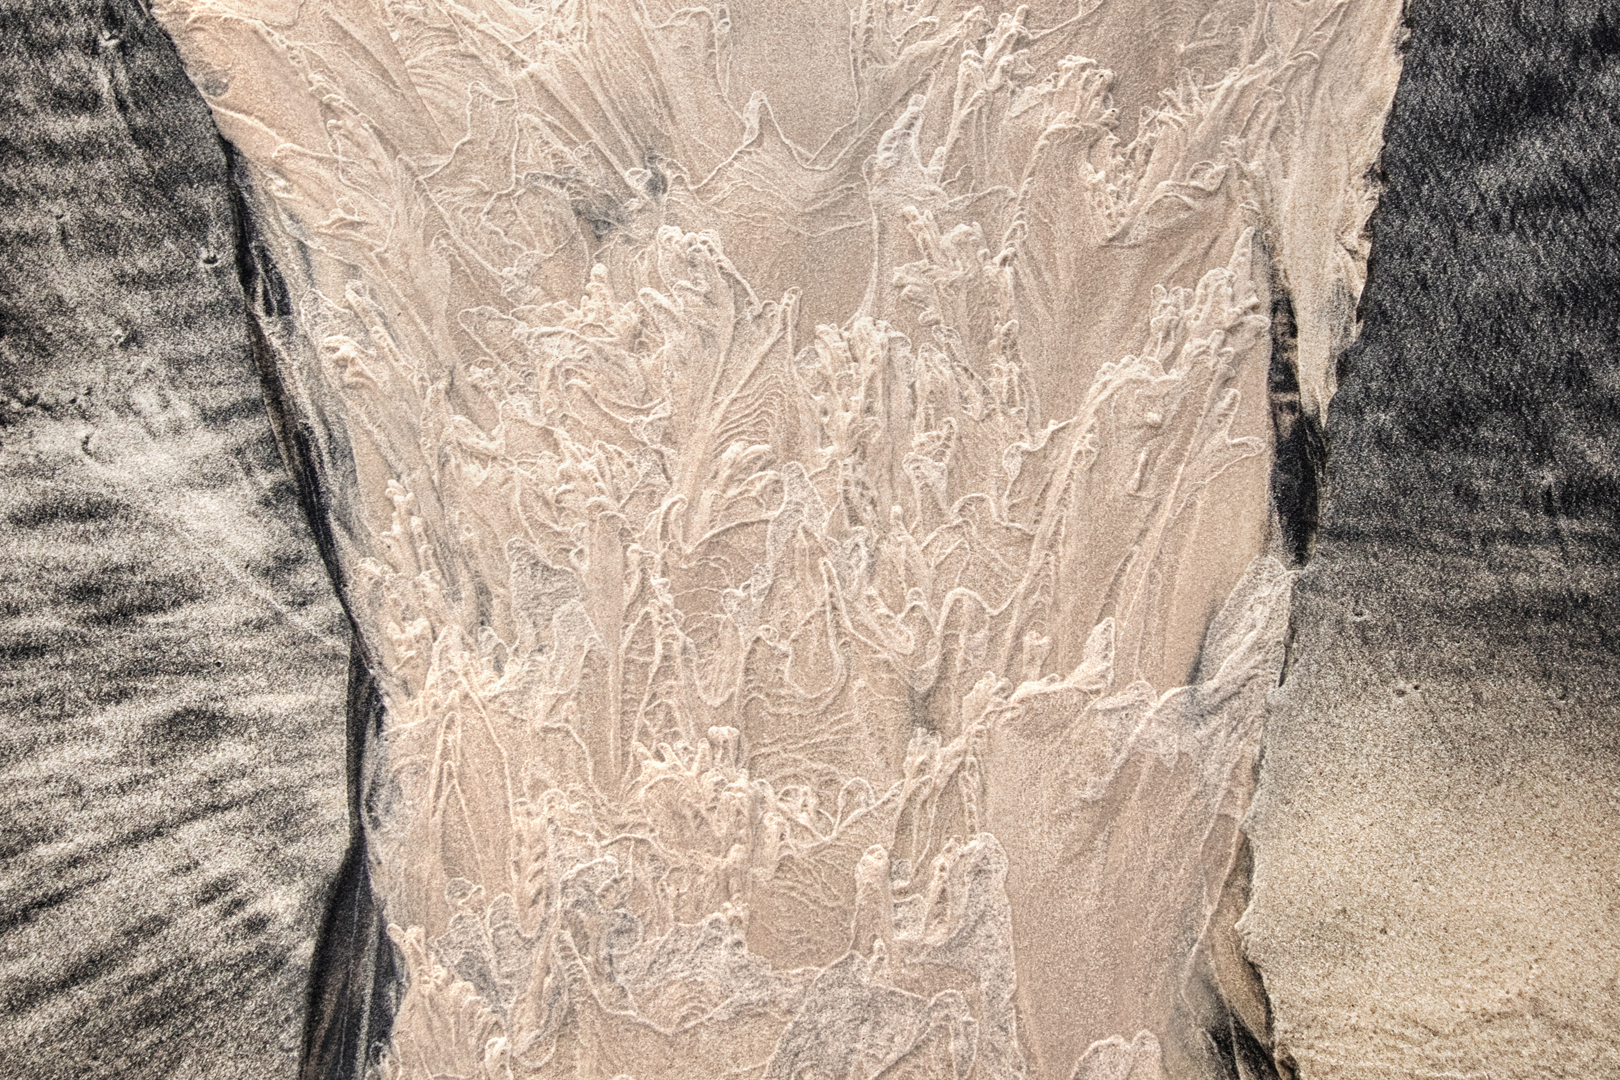 Filigreed sand